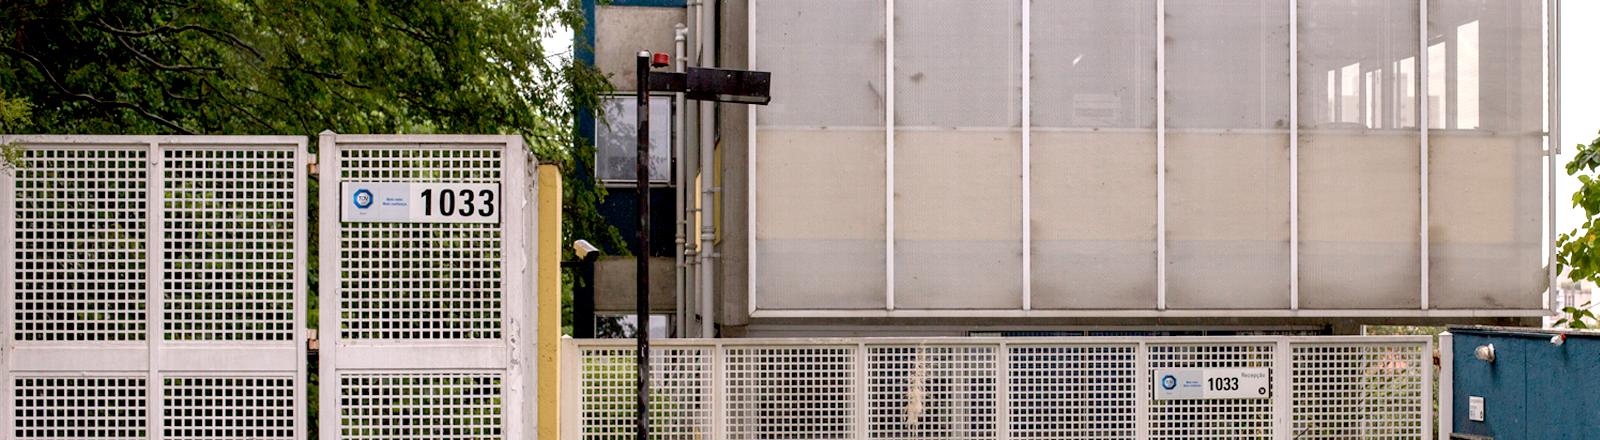 Eingang der Tüv-Büros in Brasilien